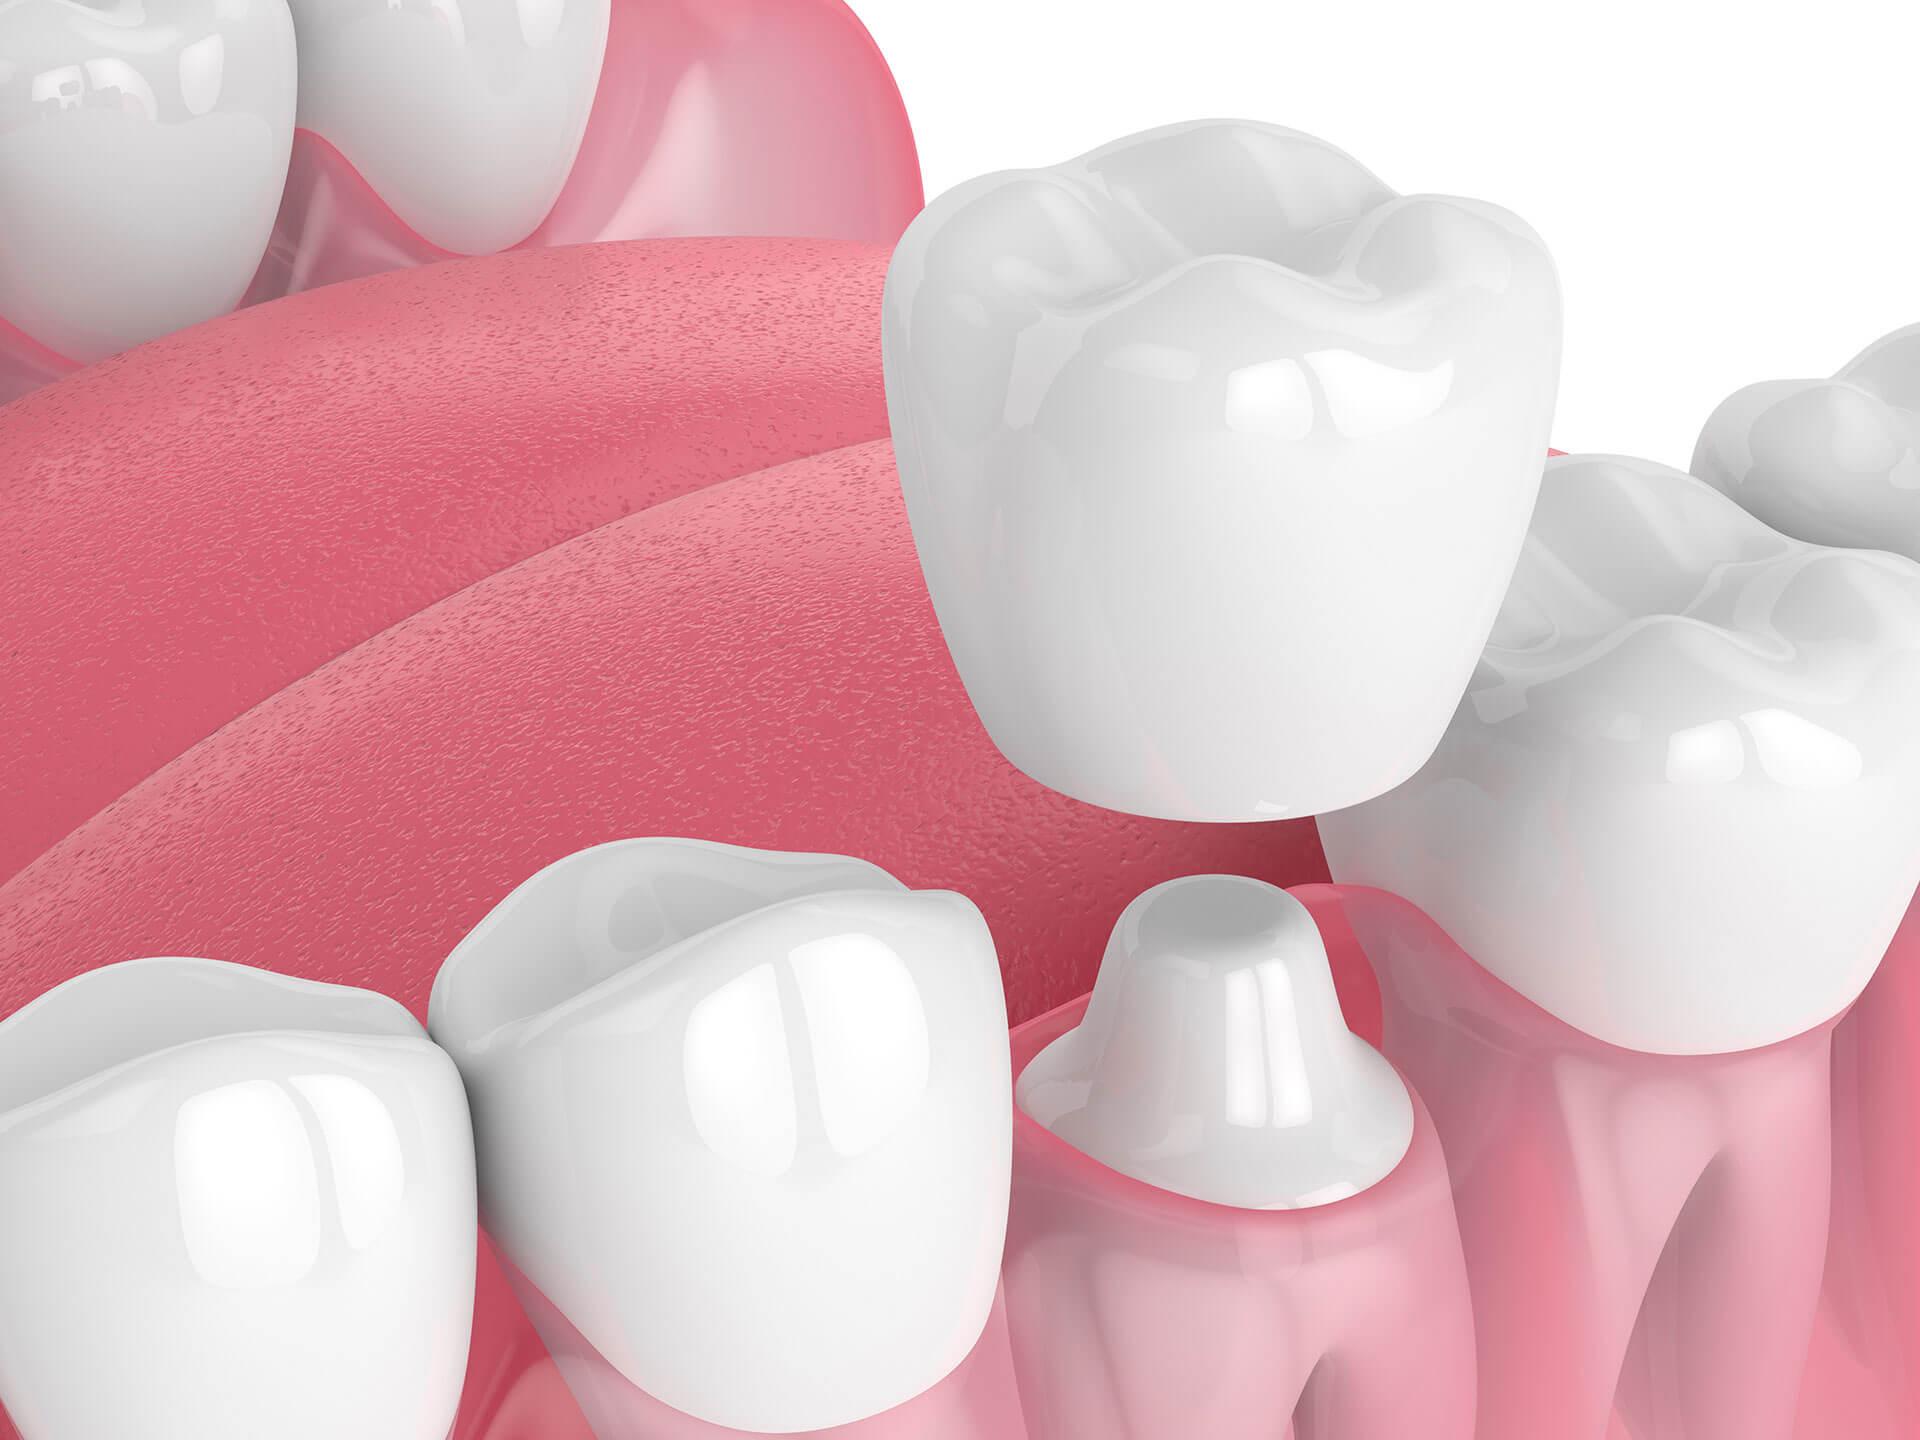 Best Dental Crown Meridian ID